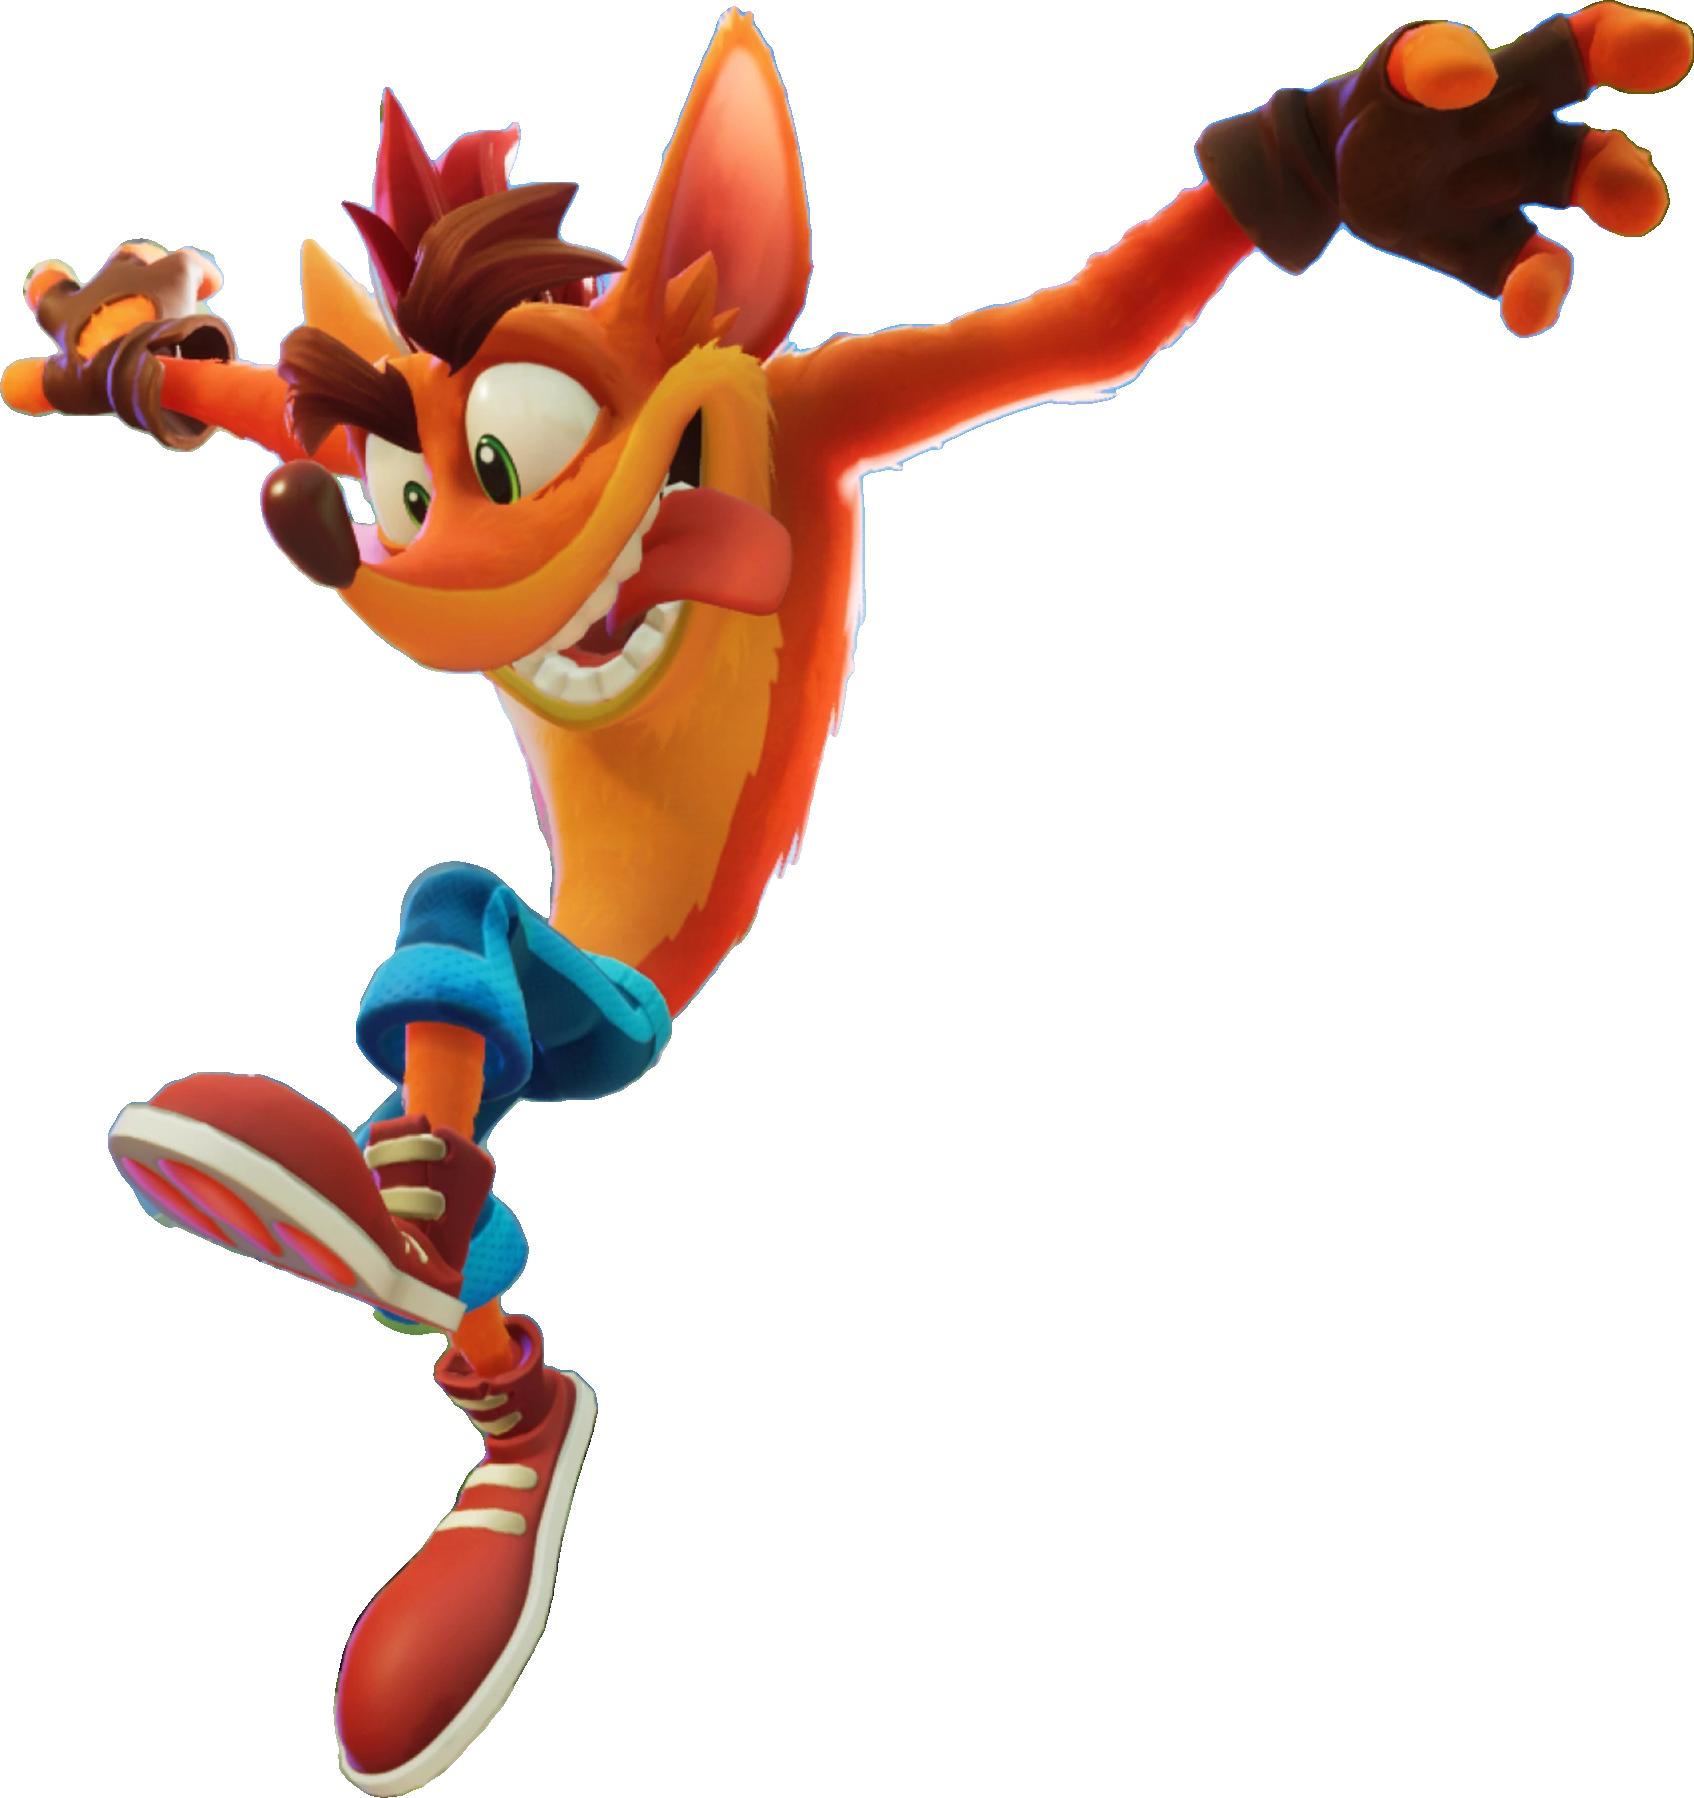 Crash Bandicoot Bandipedia Fandom Crash Bandicoot Crash Bandicoot Characters Bandicoot